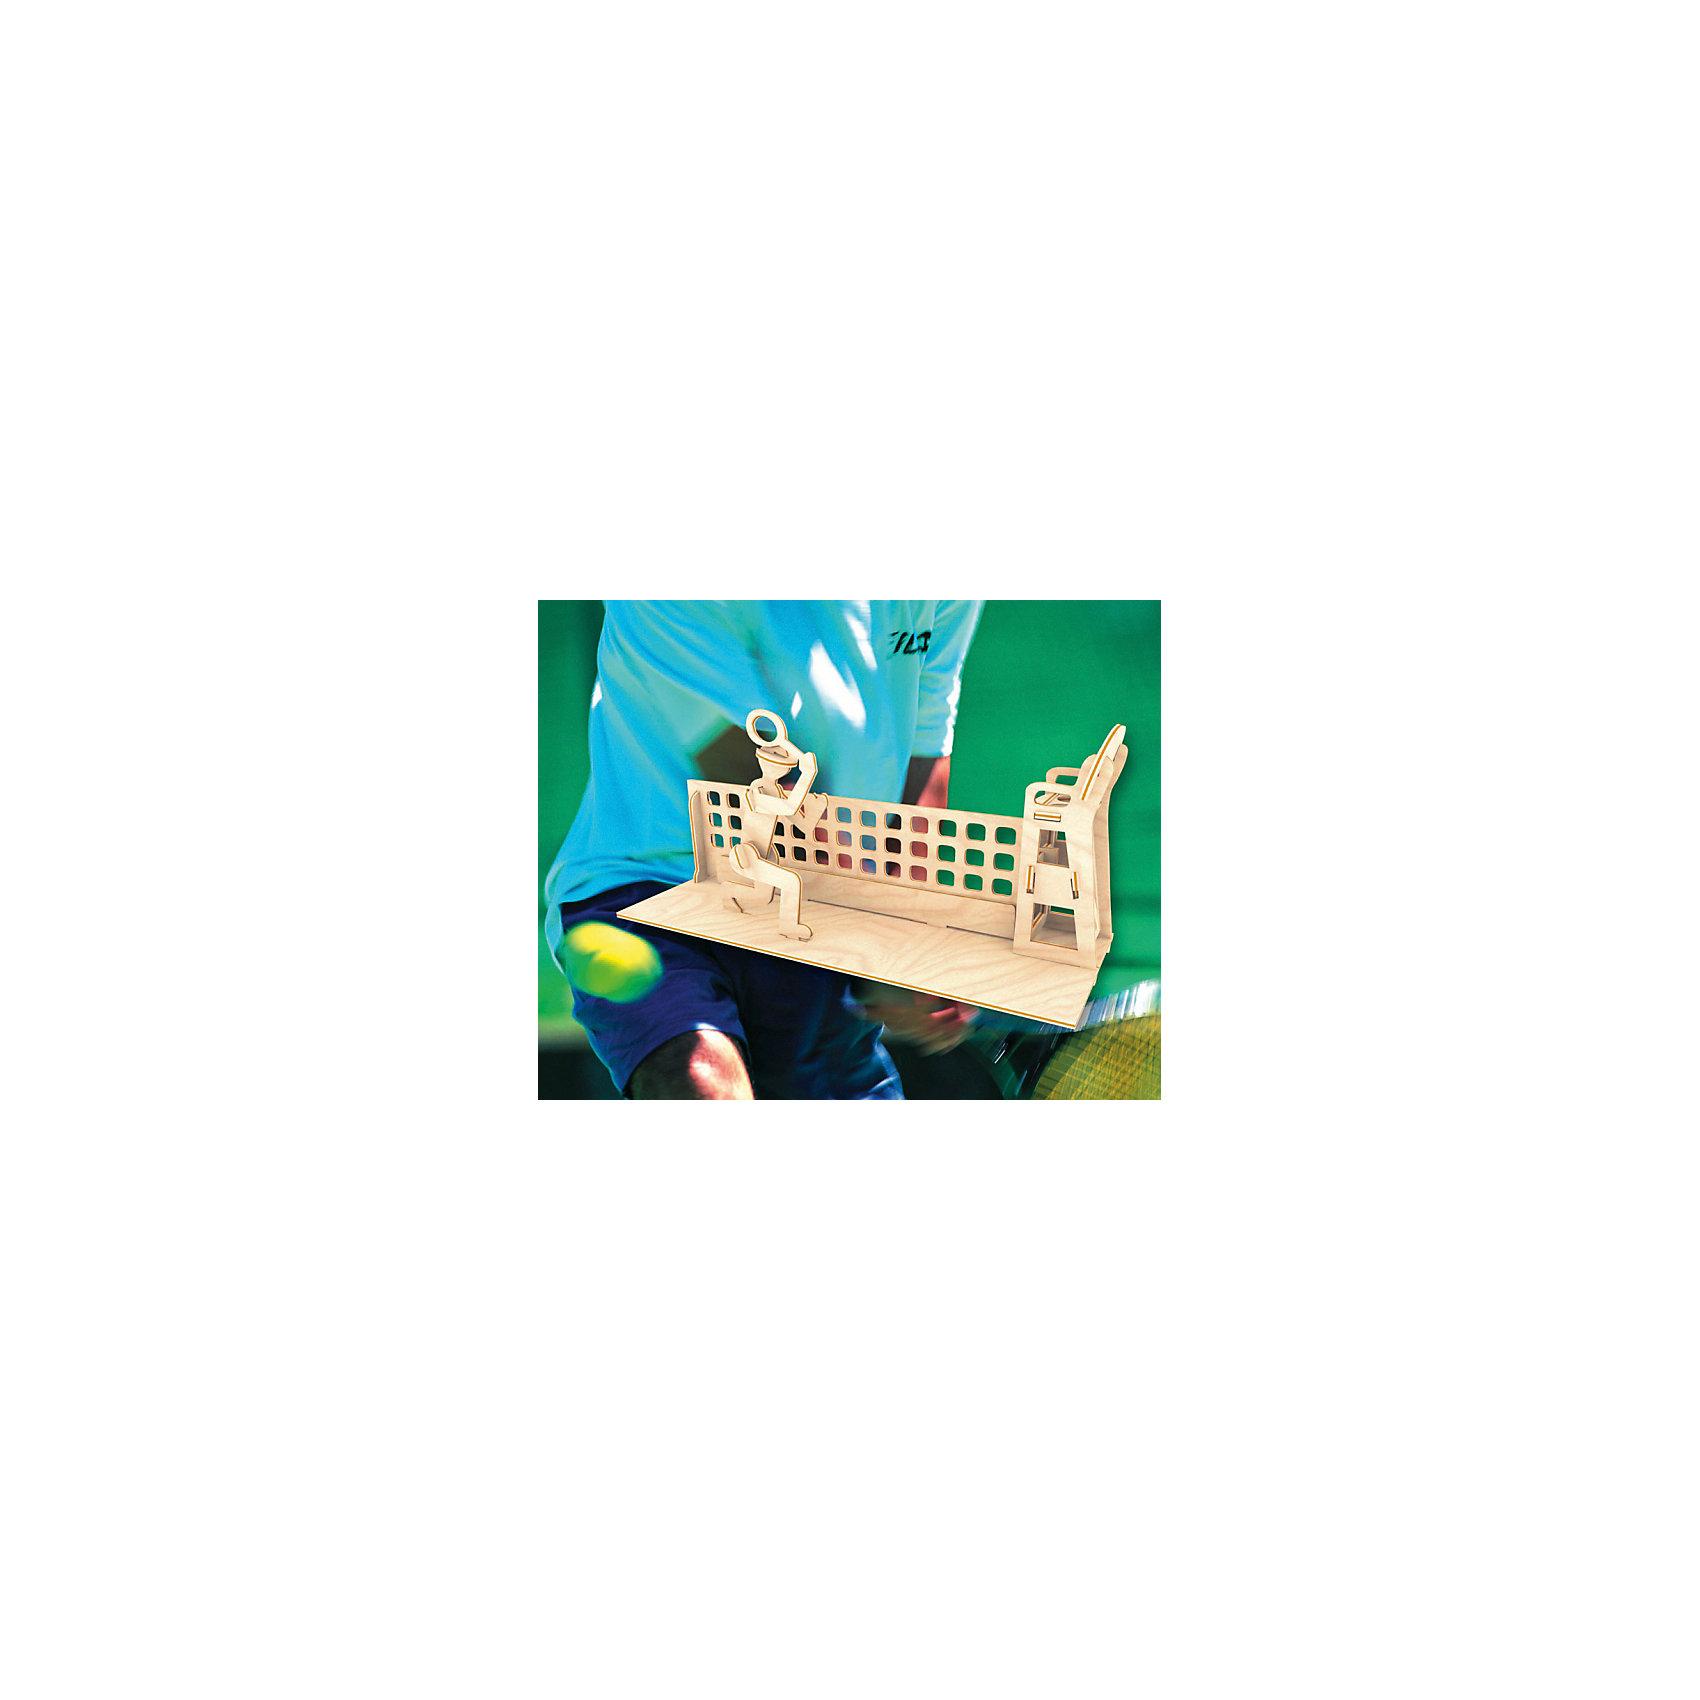 Теннисист, Мир деревянных игрушекРукоделие<br>Порадовать творческого ребенка или любителя спорта - легко! Закажите для него этот набор, из которого можно самому сделать красивую деревянную фигуру! Для этого нужно выдавить из пластины с деталями элементы для сборки и соединить их. Из наборов получаются красивые очень реалистичные игрушки, которые могут стать украшением комнаты.<br>Собирая их, ребенок будет развивать пространственное мышление, память и мелкую моторику. А раскрашивая готовое произведение, дети научатся подбирать цвета и будут развивать художественные навыки. Этот набор произведен из качественных и безопасных для детей материалов - дерево тщательно обработано.<br><br>Дополнительная информация:<br><br>материал: дерево;<br>цвет: бежевый;<br>элементы: пластины с деталями для сборки, схема сборки;<br>размер упаковки: 23 х 18 см.<br><br>3D-пазл Теннисист от бренда Мир деревянных игрушек можно купить в нашем магазине.<br><br>Ширина мм: 225<br>Глубина мм: 30<br>Высота мм: 180<br>Вес г: 450<br>Возраст от месяцев: 36<br>Возраст до месяцев: 144<br>Пол: Мужской<br>Возраст: Детский<br>SKU: 4969246